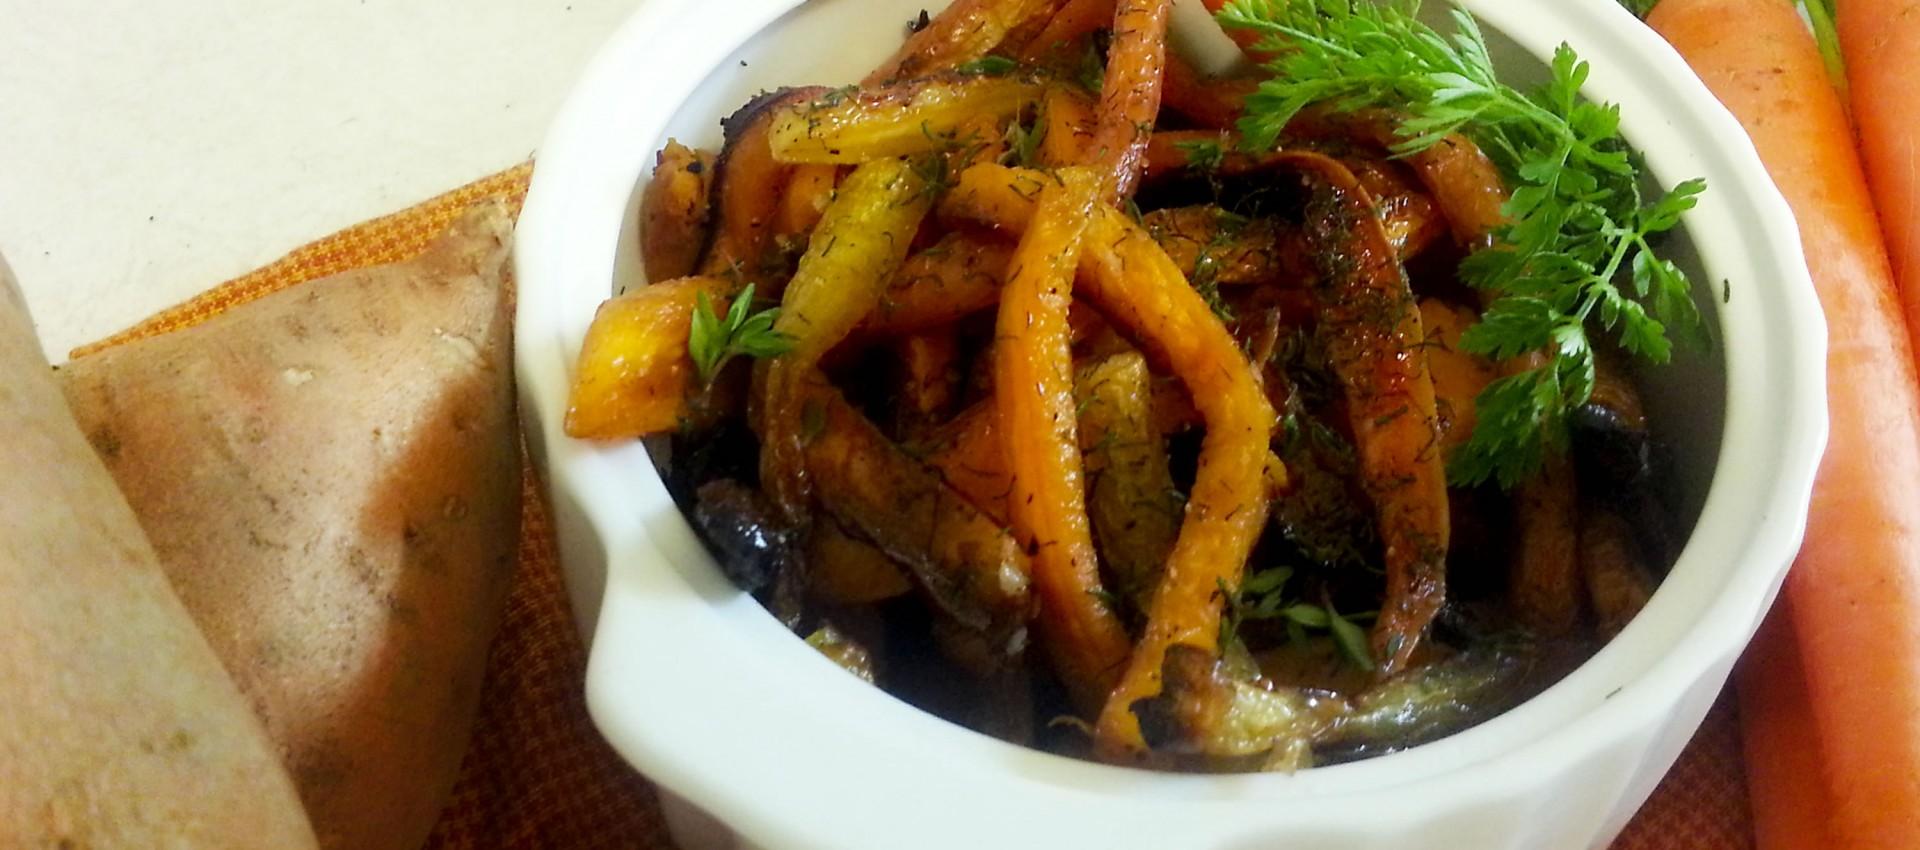 Receta para cocinar zanahoria patata y eneldo recetas indias for Cocinar zanahorias